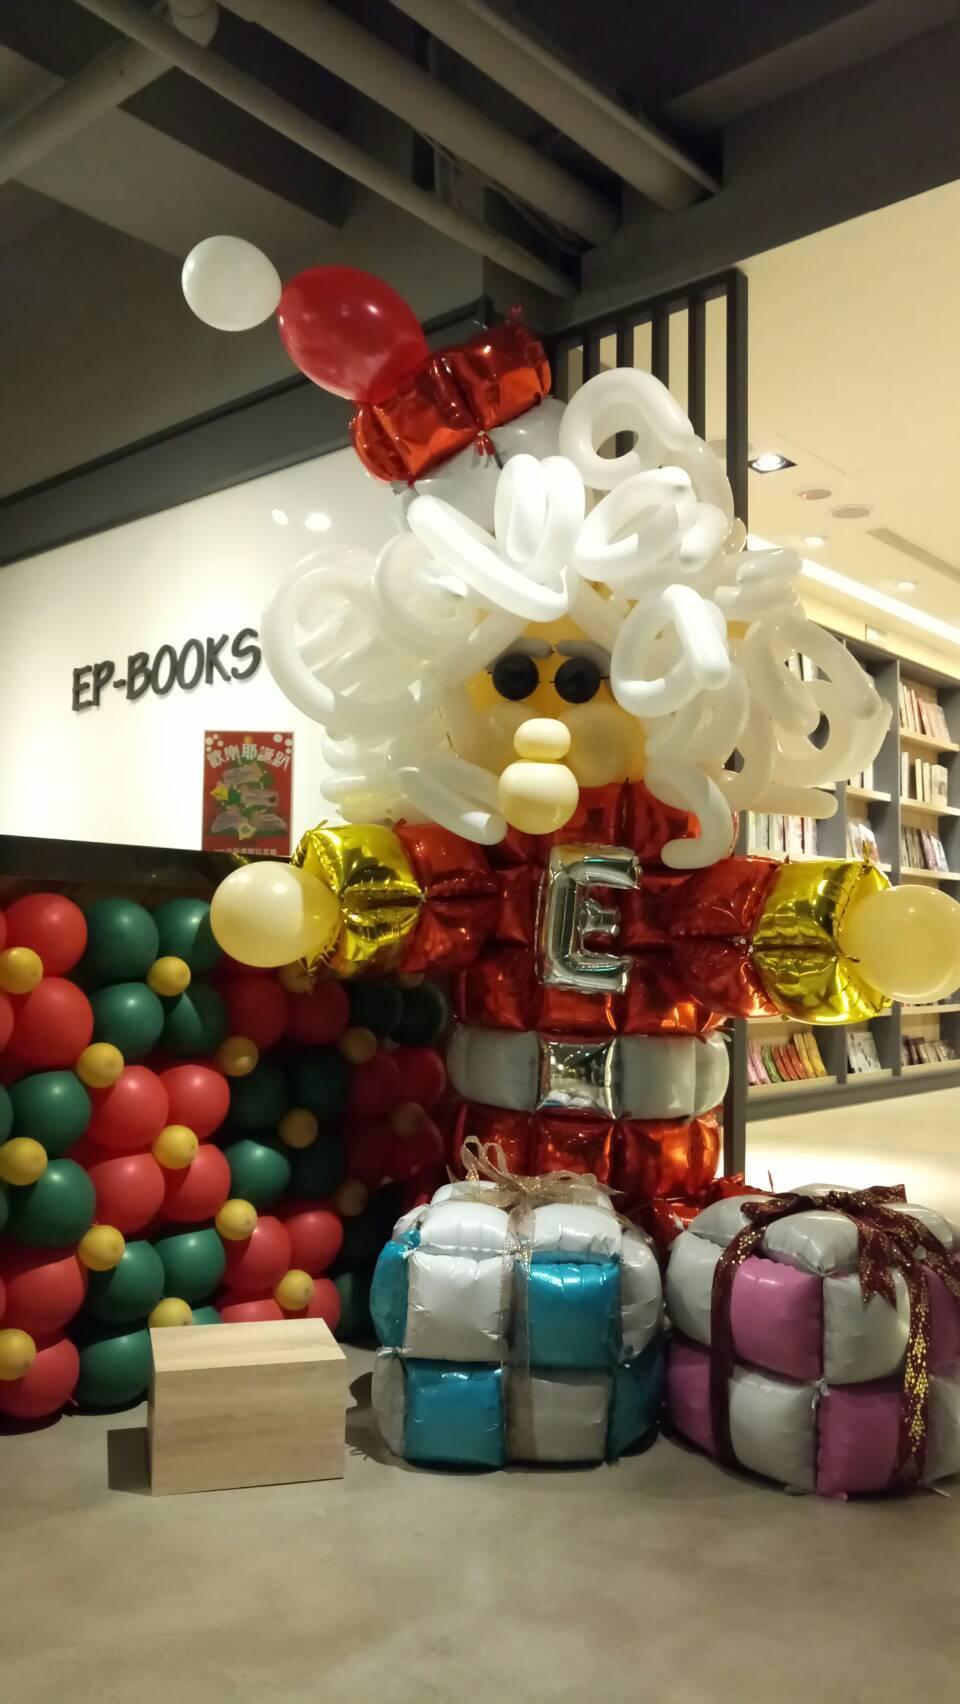 益品書屋今年首次舉辦歡樂耶誕趴,即日起至12月27日邀請氣球達人駐館,用氣球製作...